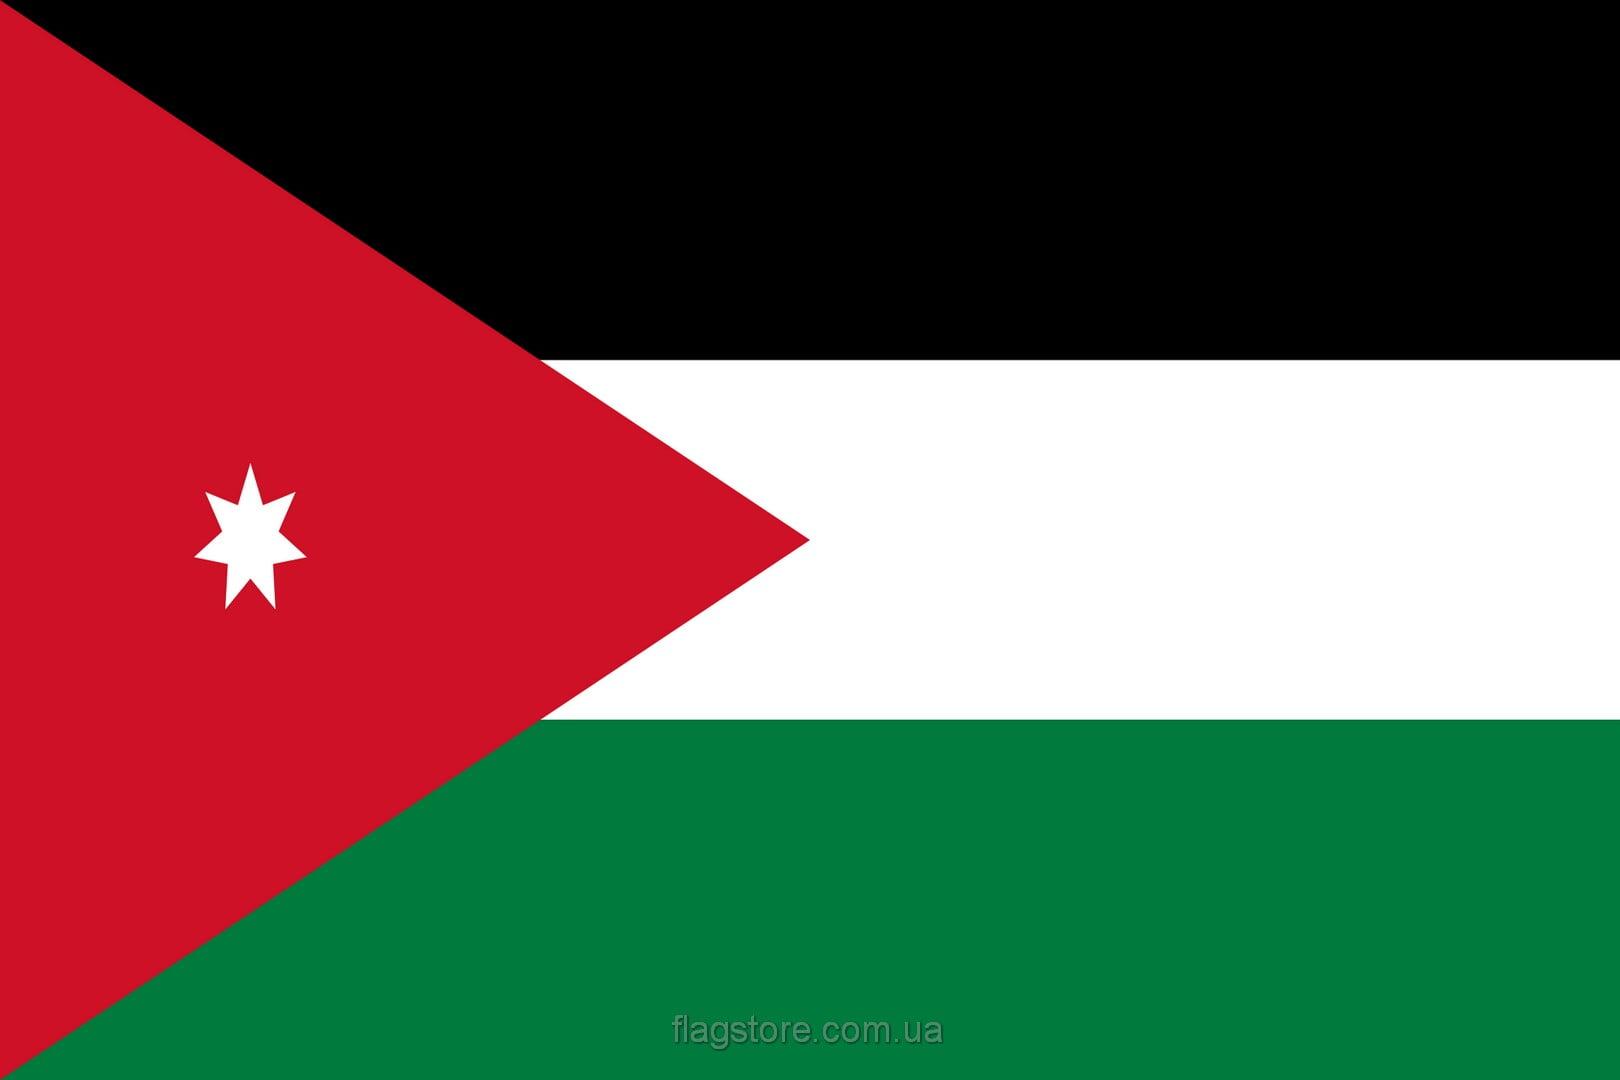 Купить флаг Иордании (страны Иордания)